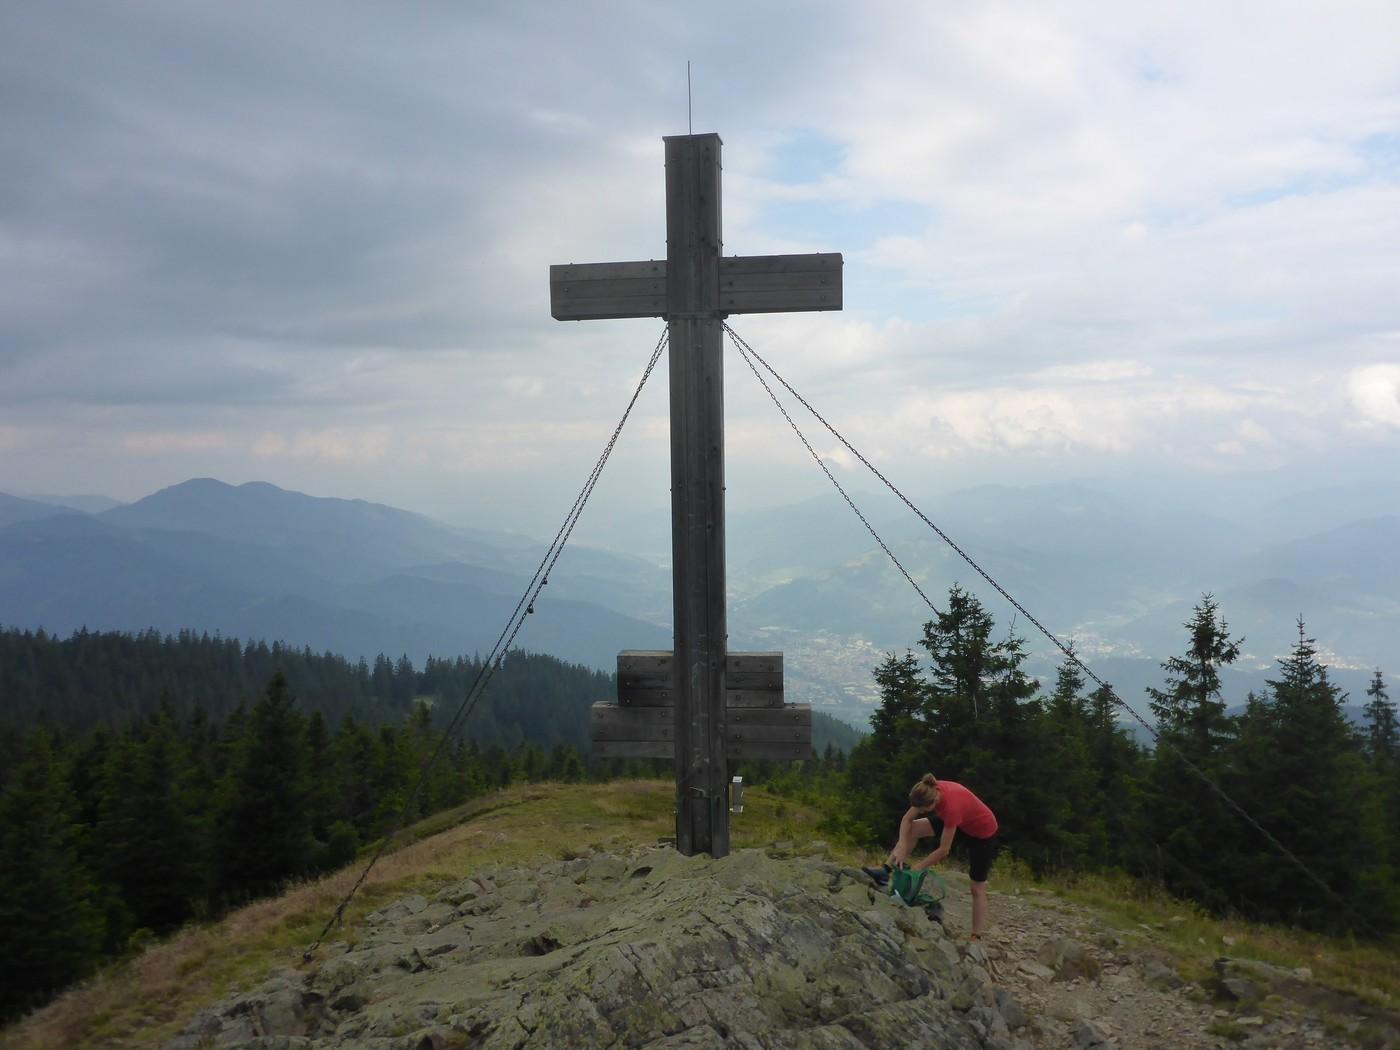 Rennfeld von Frauenberg - Fischbacher Alpen - Wandern | GBL